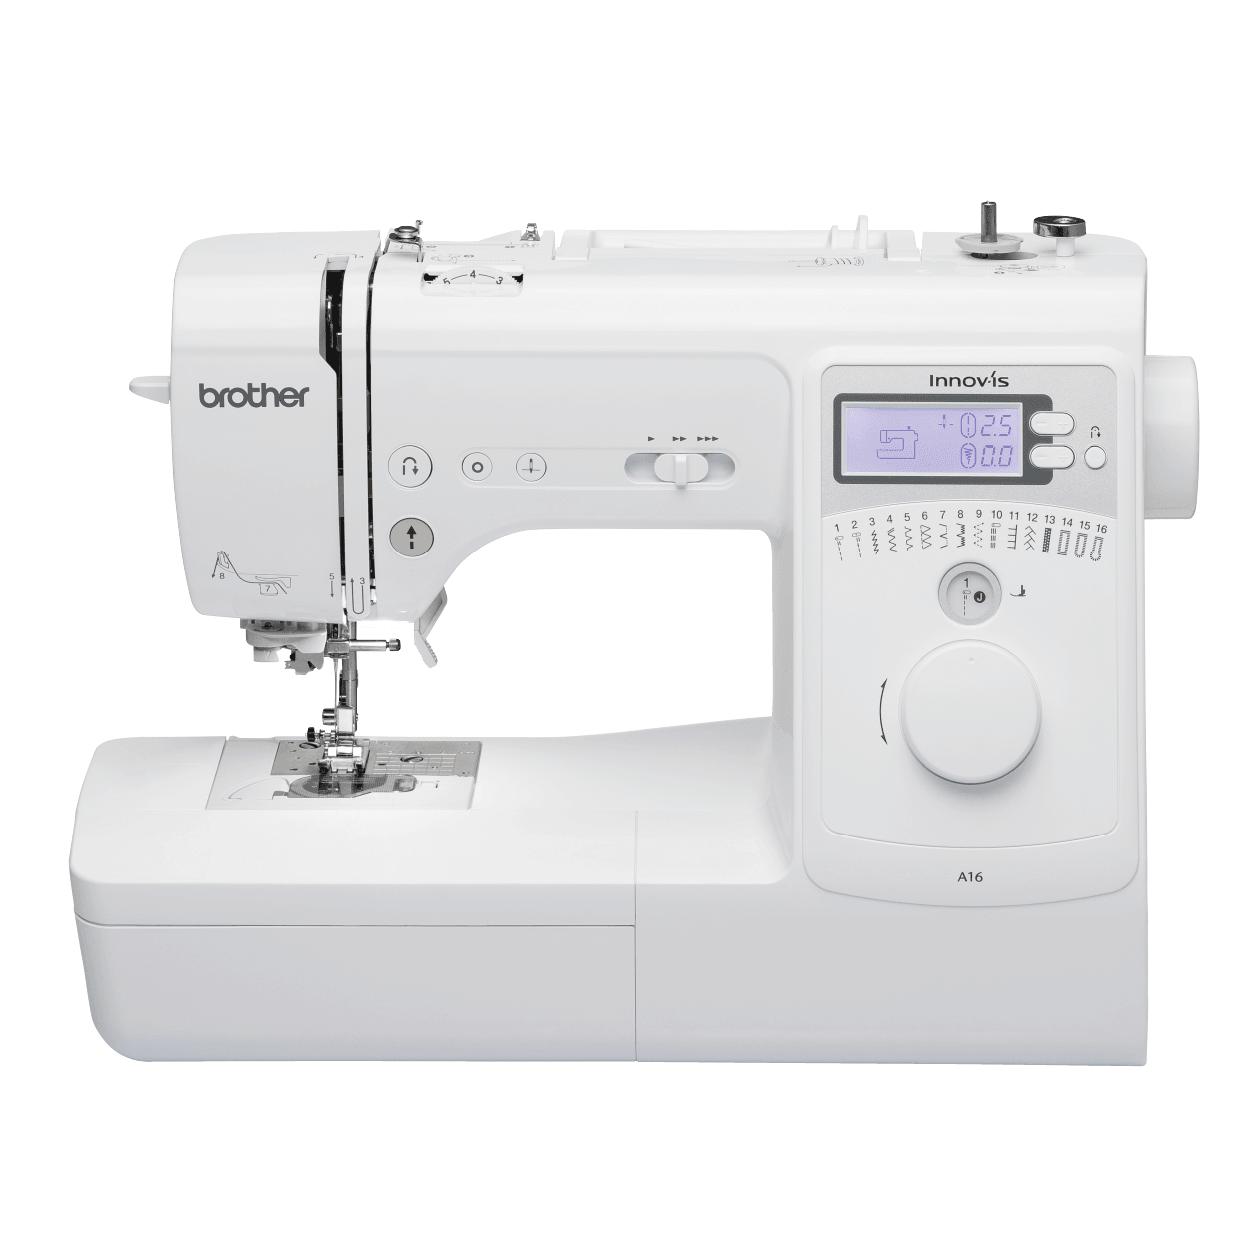 BrotherA16 Computerized Sewing Machine Brand New